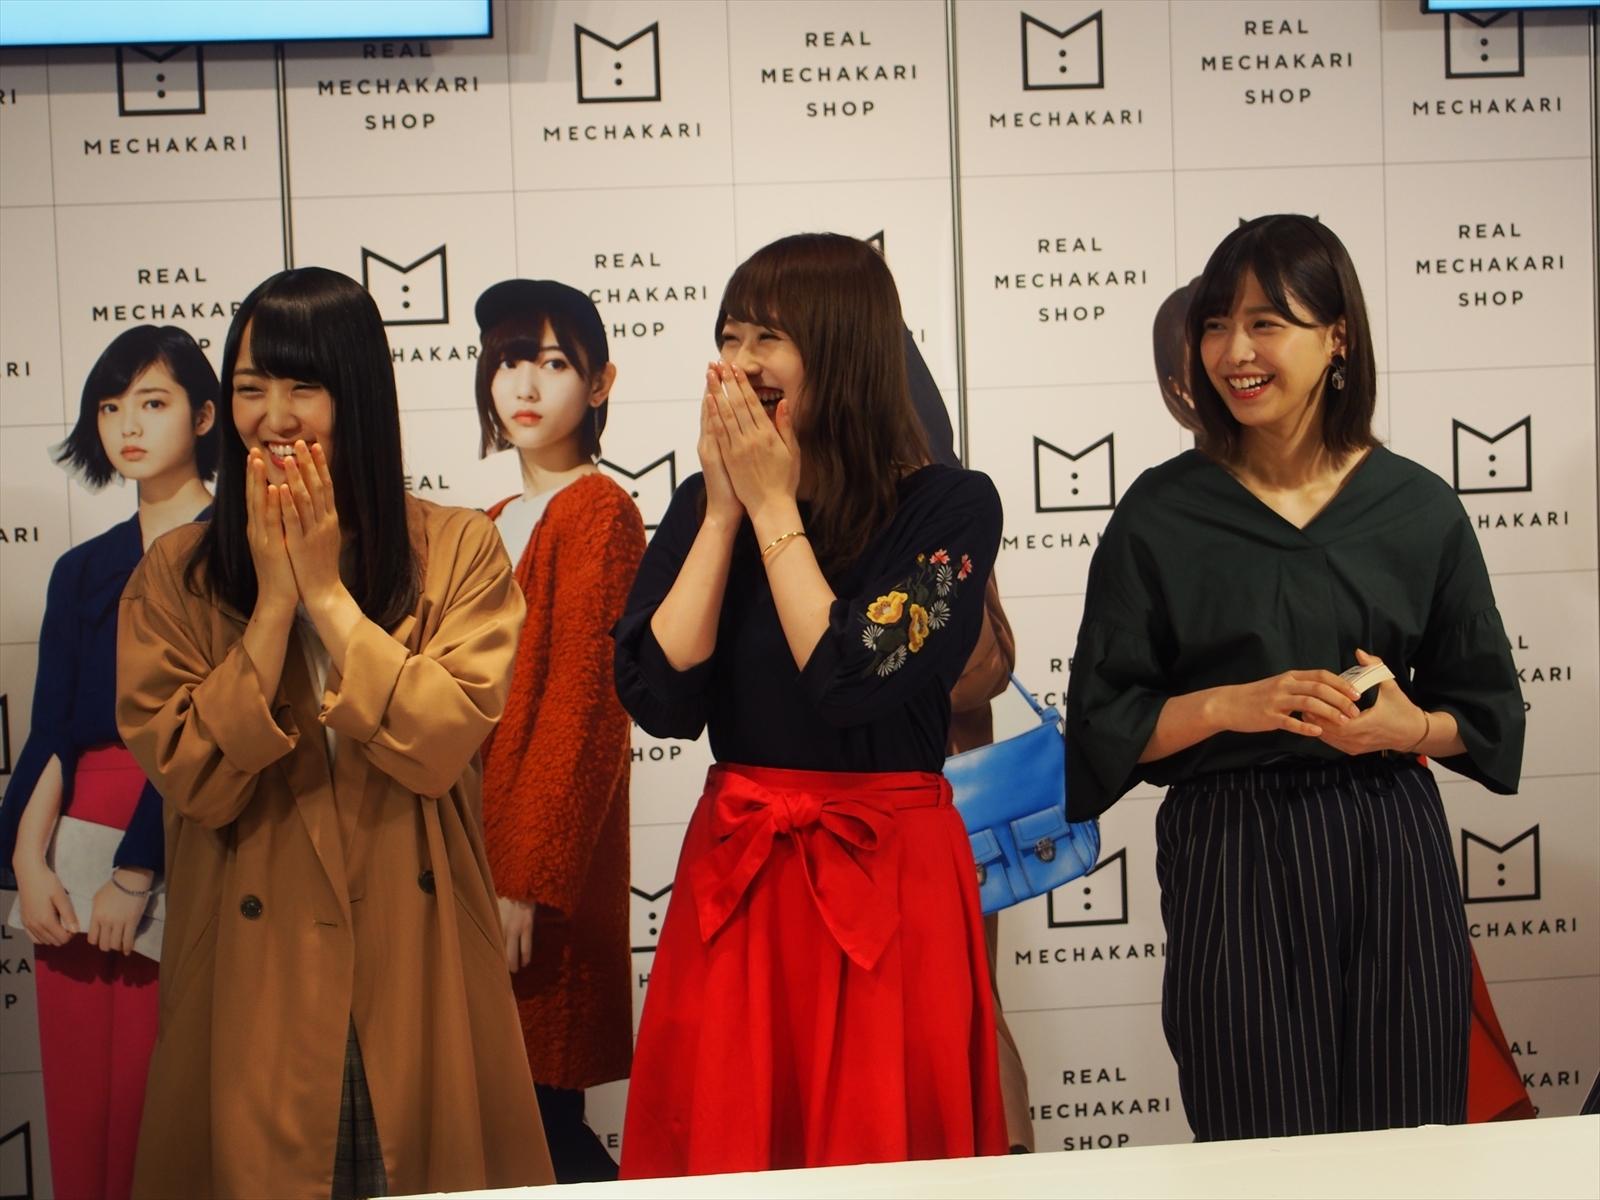 欅坂46が来店!もちろん理佐も♡ 「メチャカリ」初のリアルSHOPがオープン_1_2-4